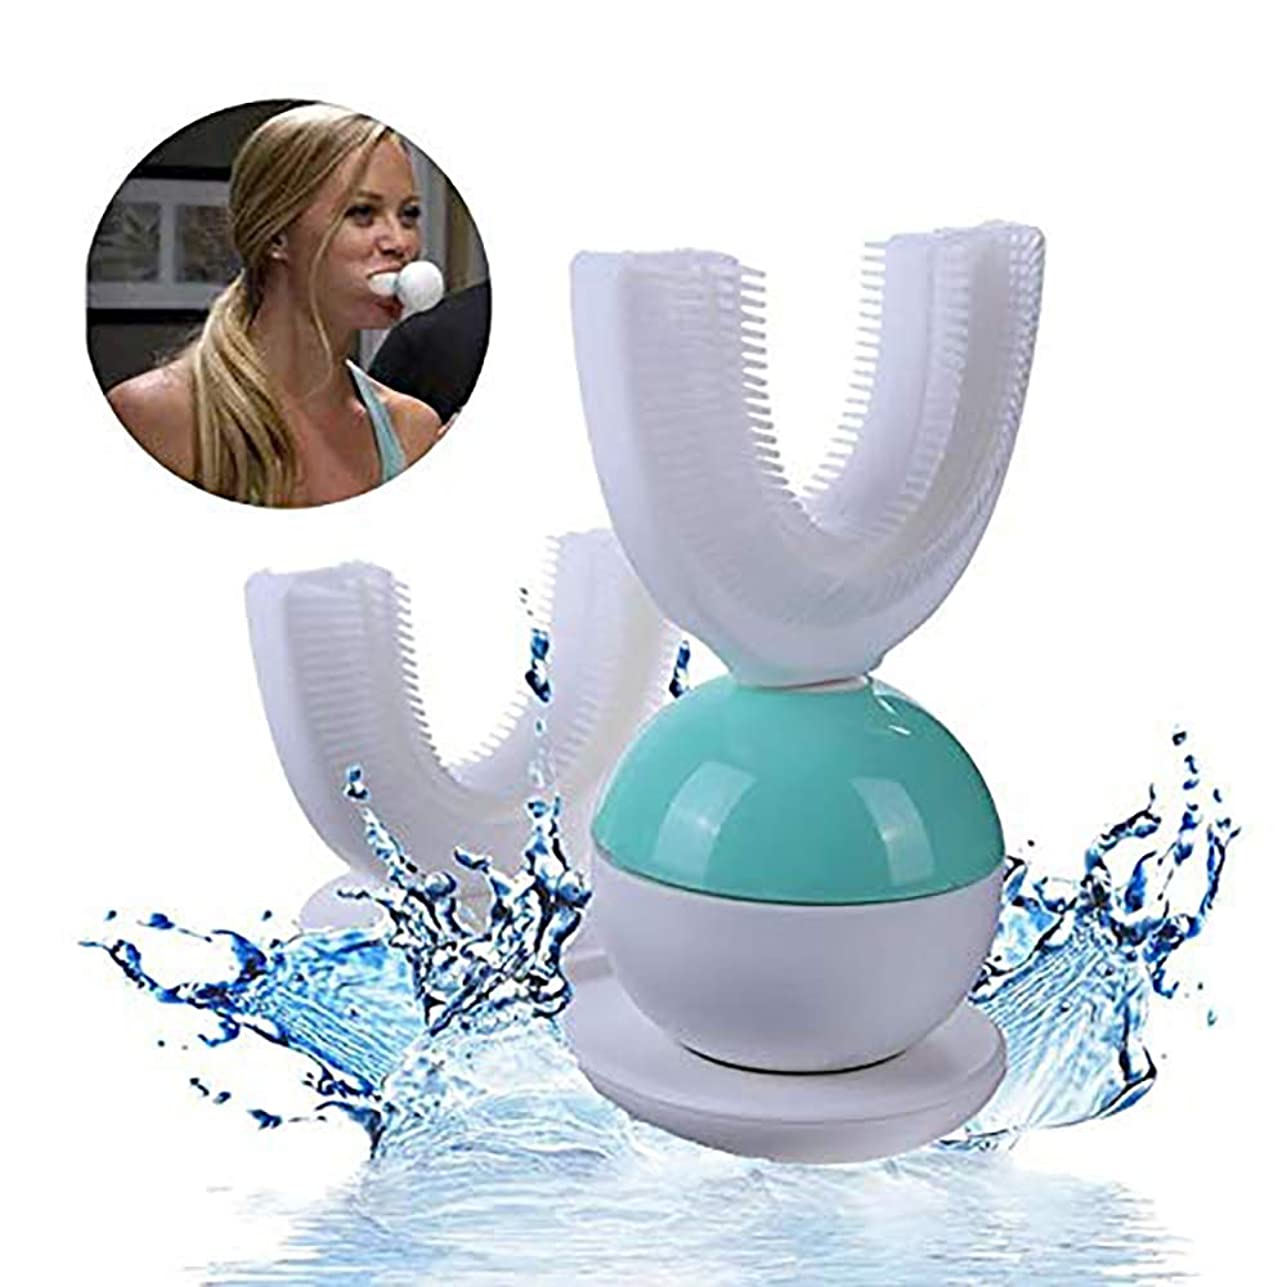 小切手無視小石360°全自動 U 型口クリーン超音波電動歯ブラシ、ホワイトニング360電動ブラッシング超音波歯ブラシ怠惰な人々のために設計